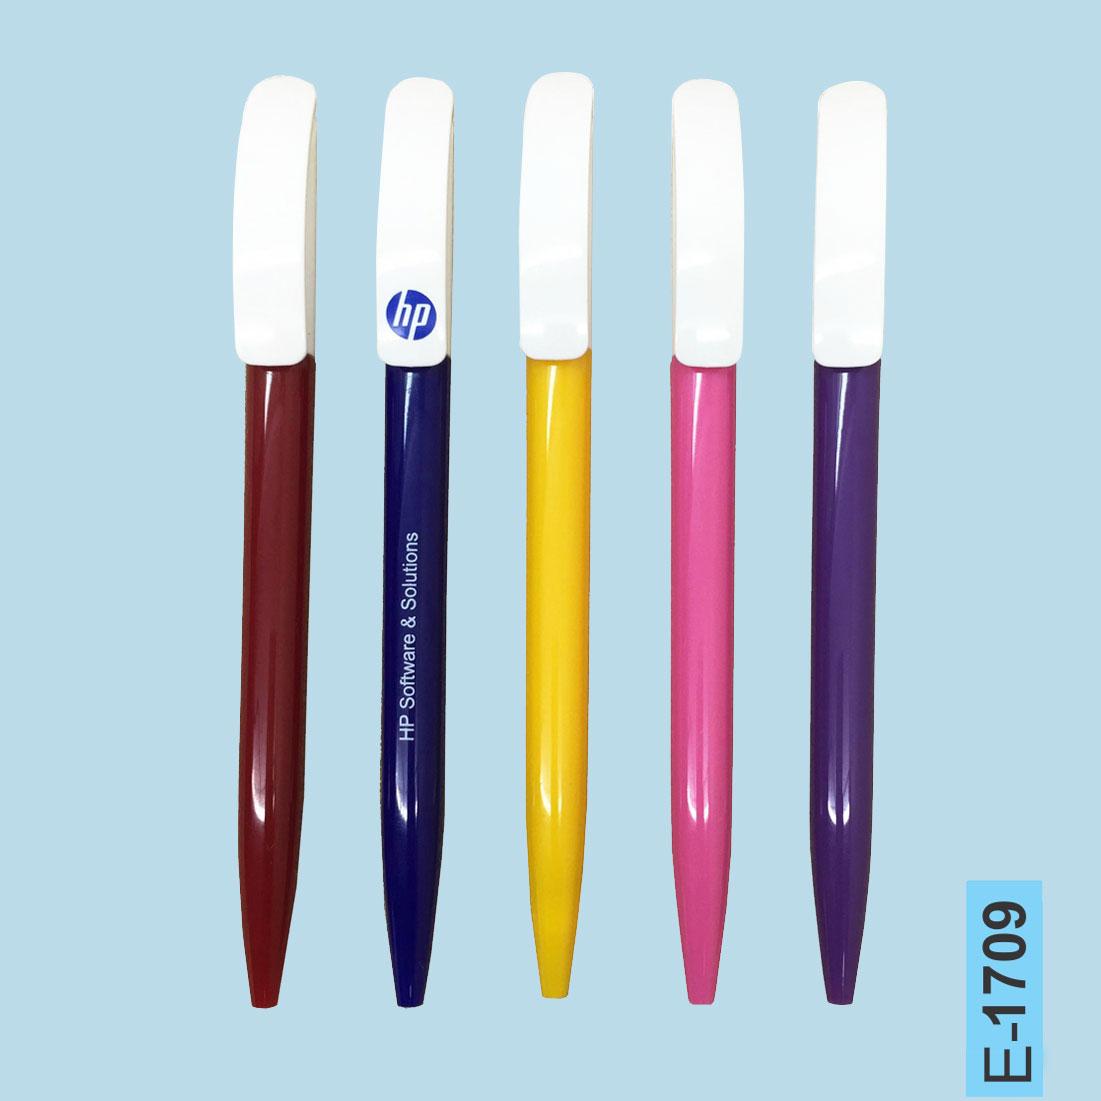 wooden pen logo engraved laser canetas pens boligrafos escolar kalem  lapiceros stylo ballpoint caneta esferografica wood